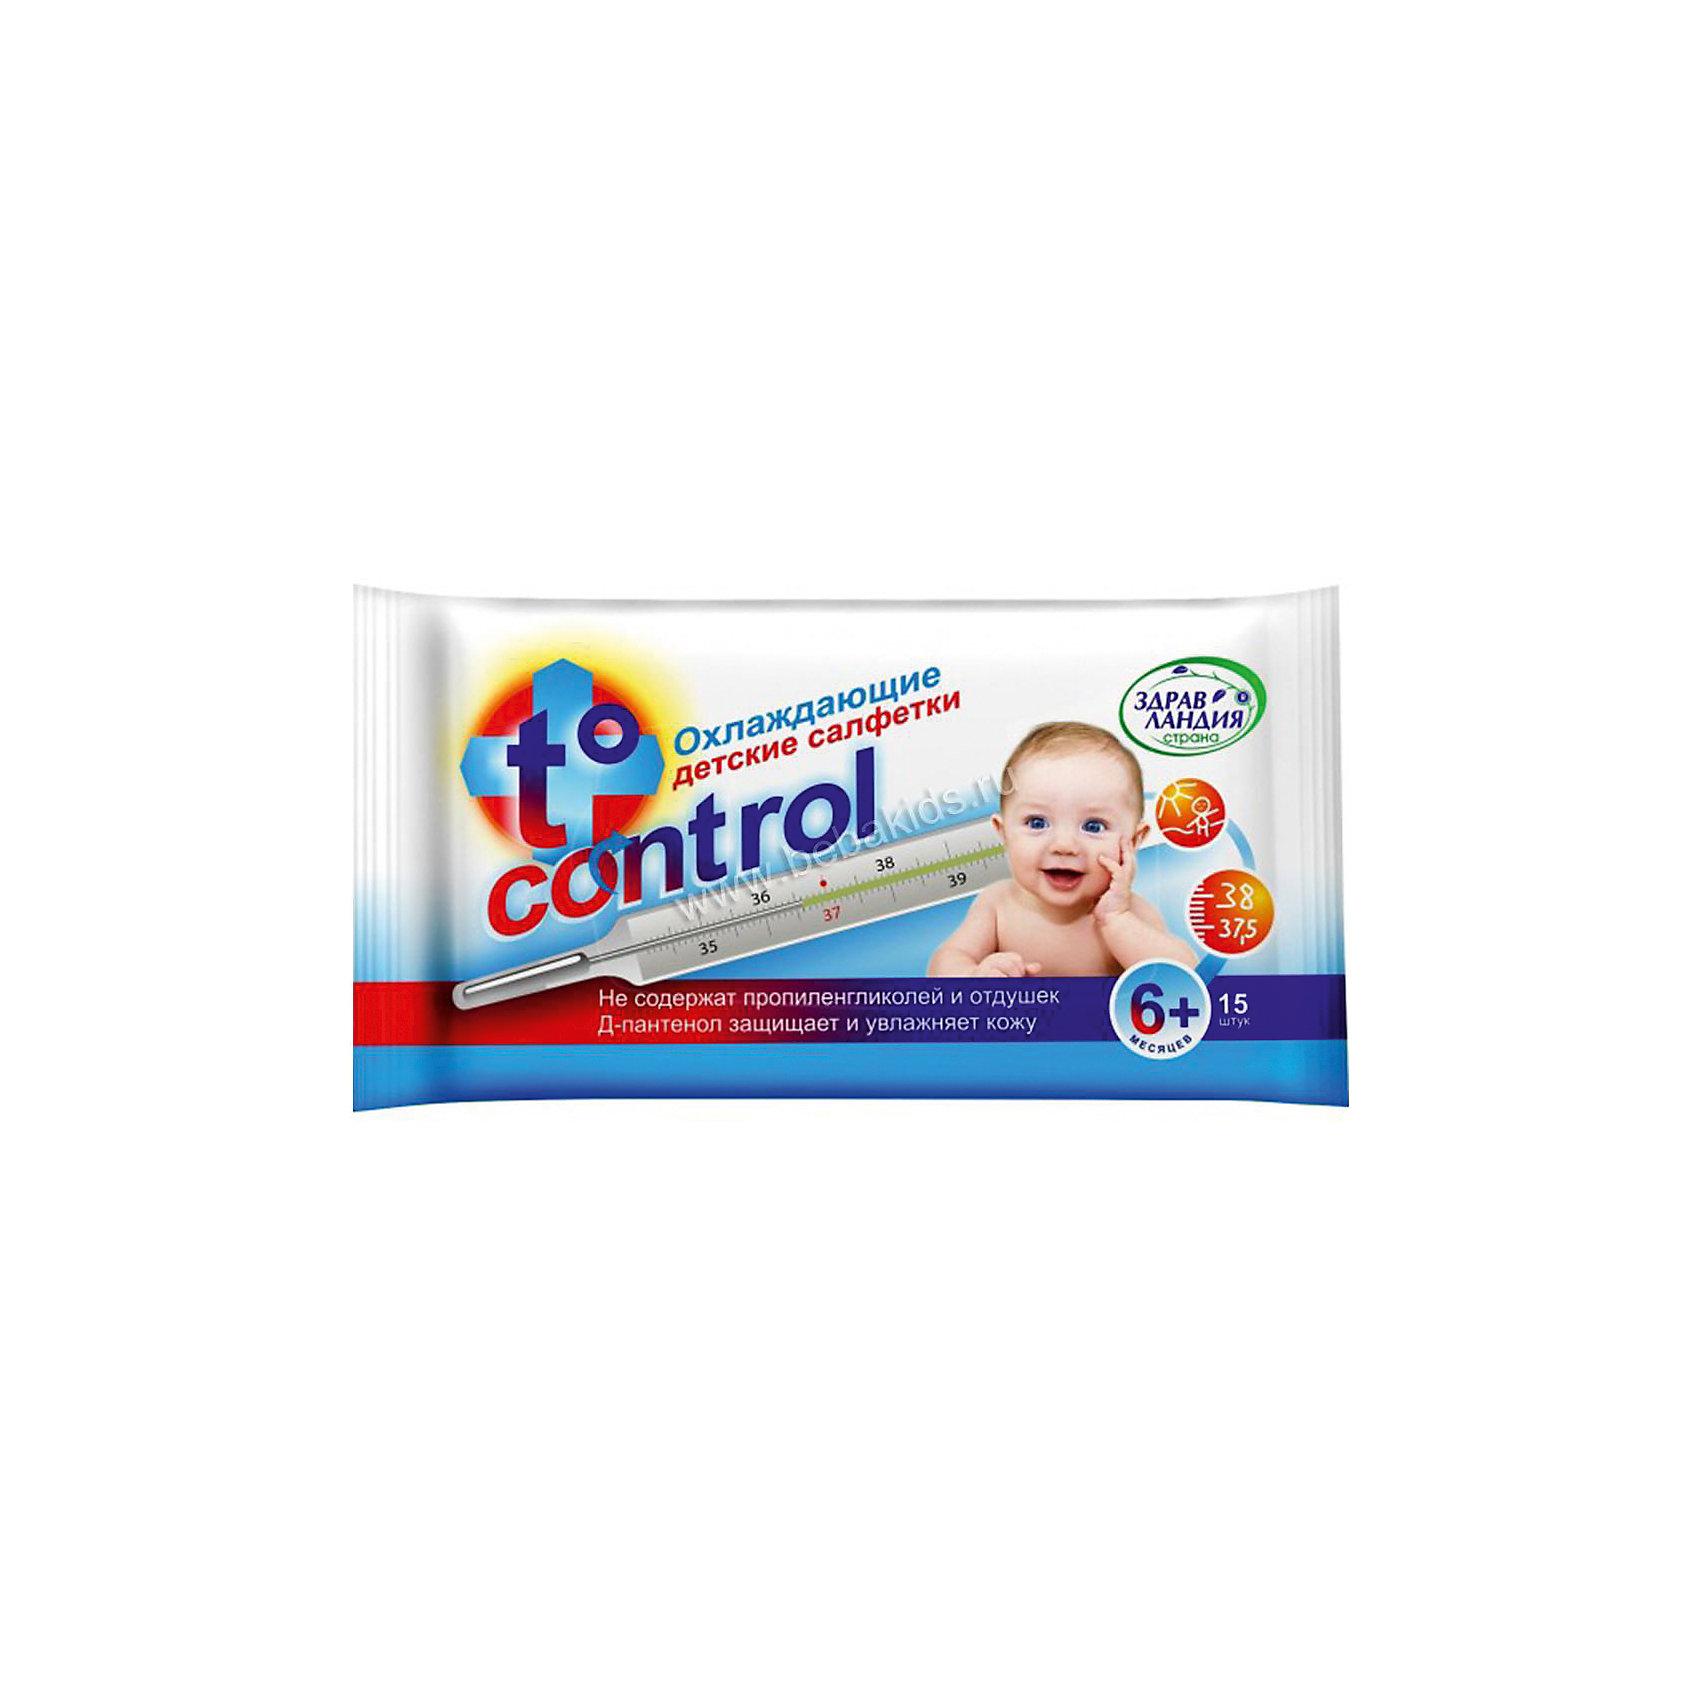 Охлаждающие (жаропонижающие) детские салфетки T-control, Страна ЗдравландияВлажные салфетки<br>Охлаждающие детские салфетки на основе D-пантенола защищают и увлажняют кожу малыша. Используйте для обтирания тела ребенка, когда у него высокая температура в связи с перегревом, болезнью, прорезыванию зубок. После применения салфеток нет чувства липкости на теле и руках.<br><br>Дополнительная информация:<br><br>Содержание в составе D-пантенола, эфирных масел мяты и ментола. <br>Не содержатся пропиленгликоли и отдушки.<br><br>Количество салфеток T-control: 15 штук. <br><br>Рекомендуемый возраст: от 6 месяцев до 12 лет. <br><br>Охлаждающие (жаропонижающие) детские салфетки T-control, Страна Здравландия можно купить в нашем интернет-магазине.<br><br>Ширина мм: 300<br>Глубина мм: 100<br>Высота мм: 50<br>Вес г: 200<br>Возраст от месяцев: -2147483648<br>Возраст до месяцев: 2147483647<br>Пол: Унисекс<br>Возраст: Детский<br>SKU: 5008416